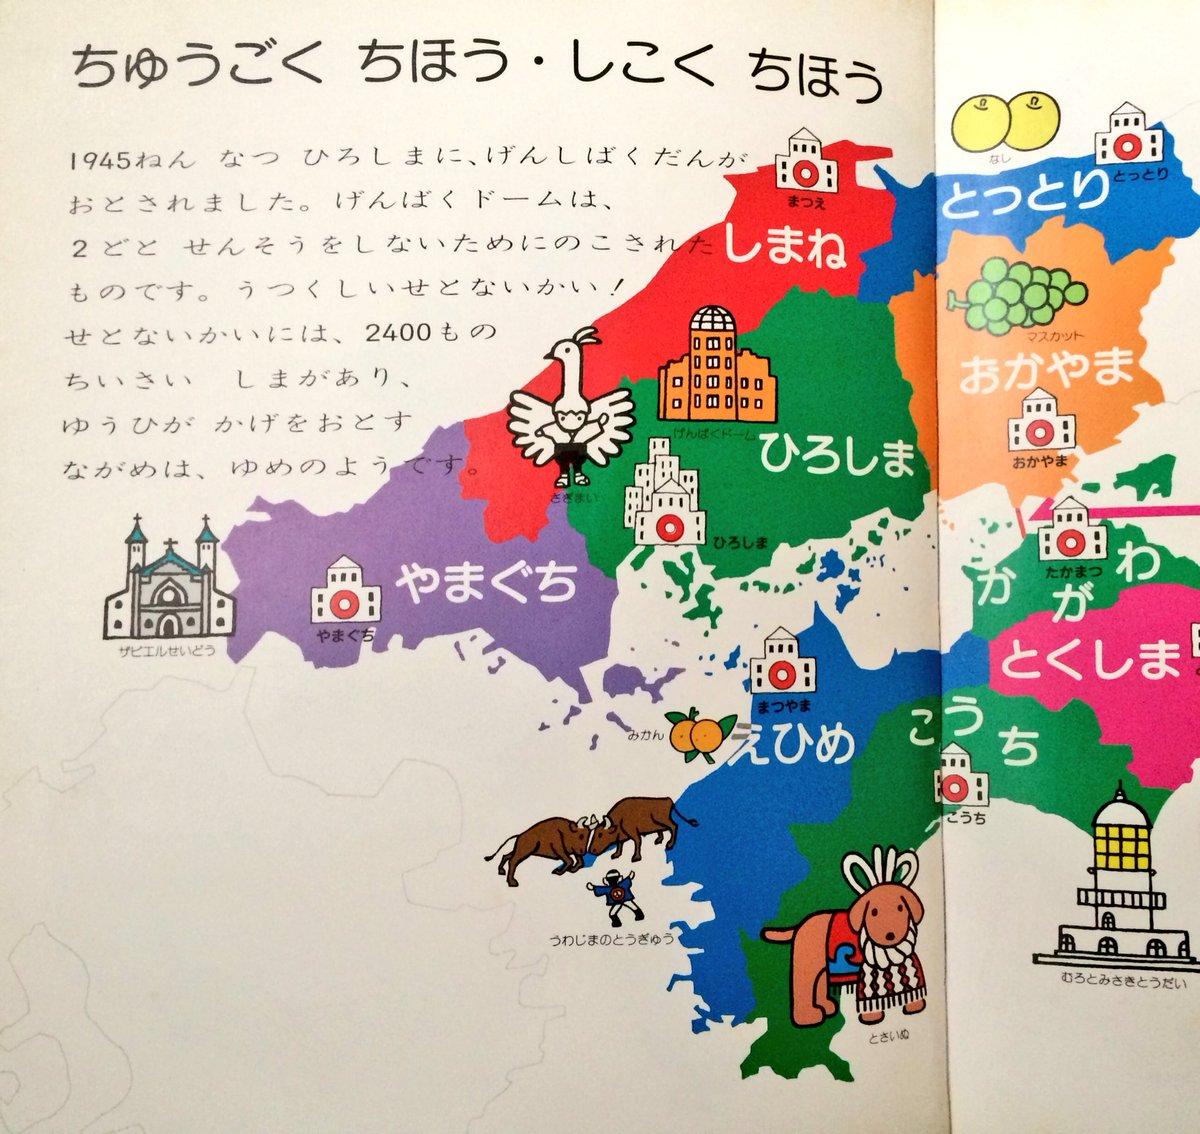 広島は中国地方らしいです。近畿でも九州でもありませんでした。(画像は戸田デザイン研究室の『にっぽん地図絵本』のページです)